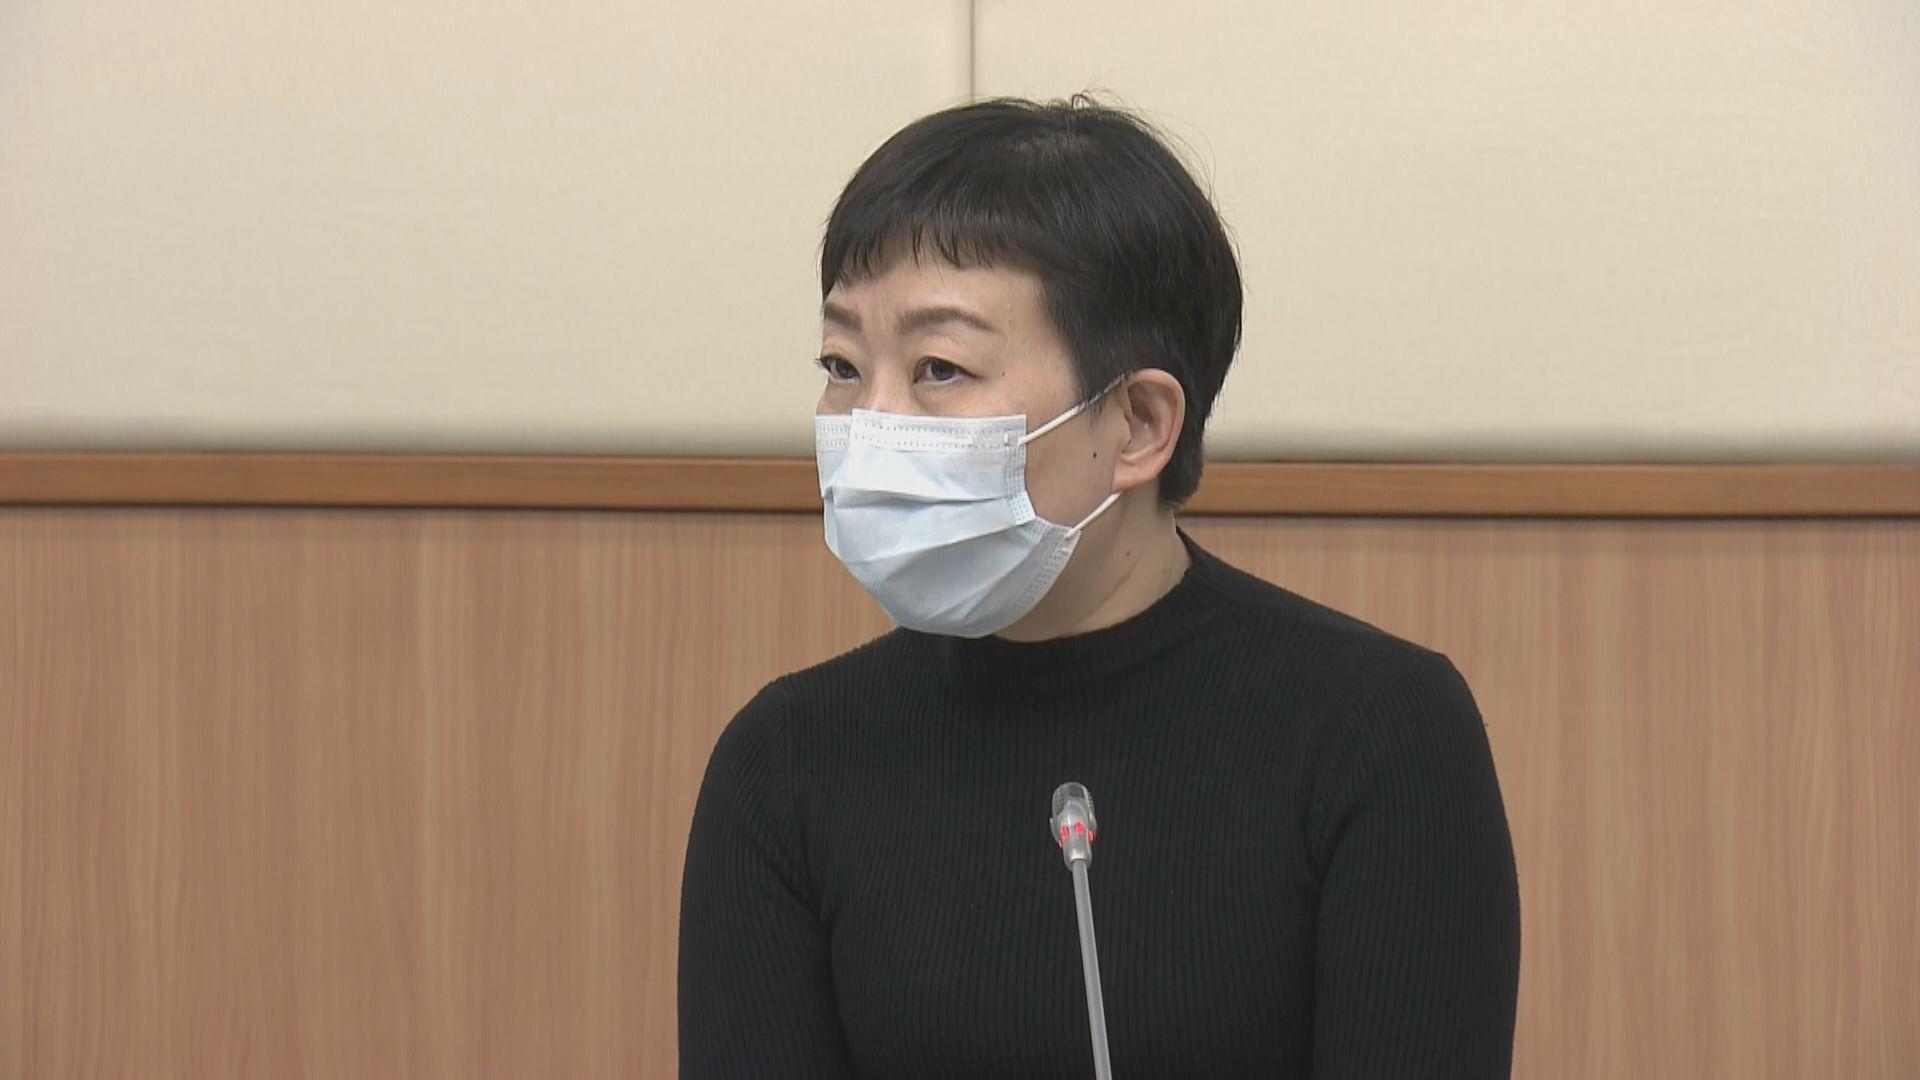 深圳灣抵港女子檢疫後確診 防護中心正調查是否屬輸入個案